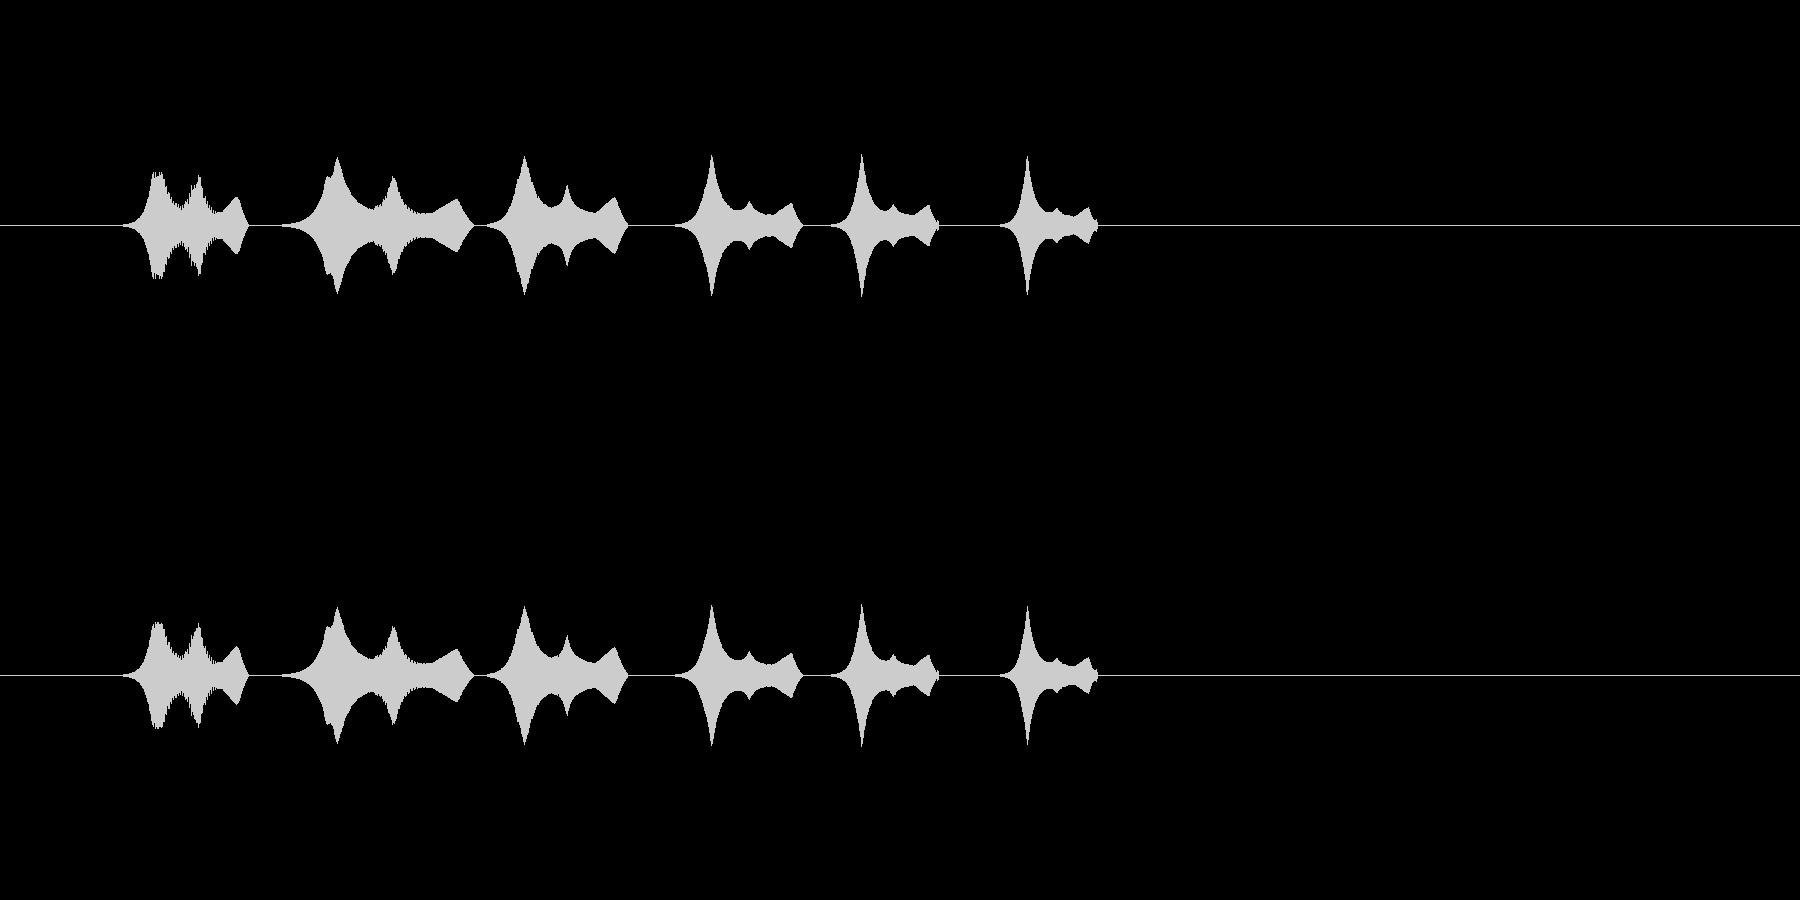 【ポップモーション34-3】の未再生の波形